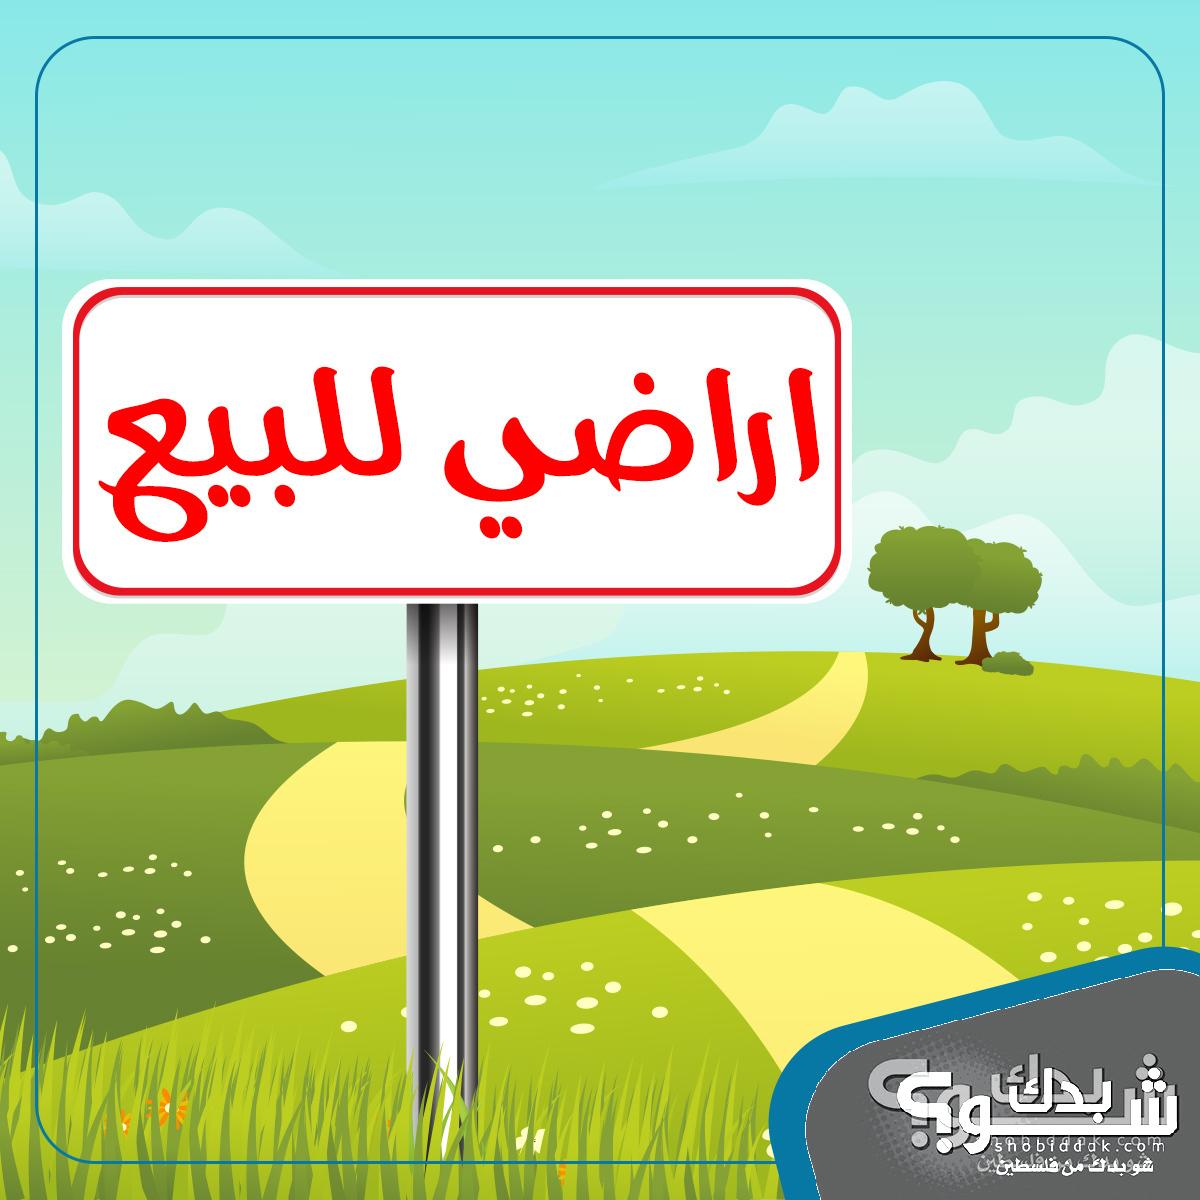 أرض لبناء اسكان ومخازن (ج)  شارع الجامعه عين مصباح - 865 م